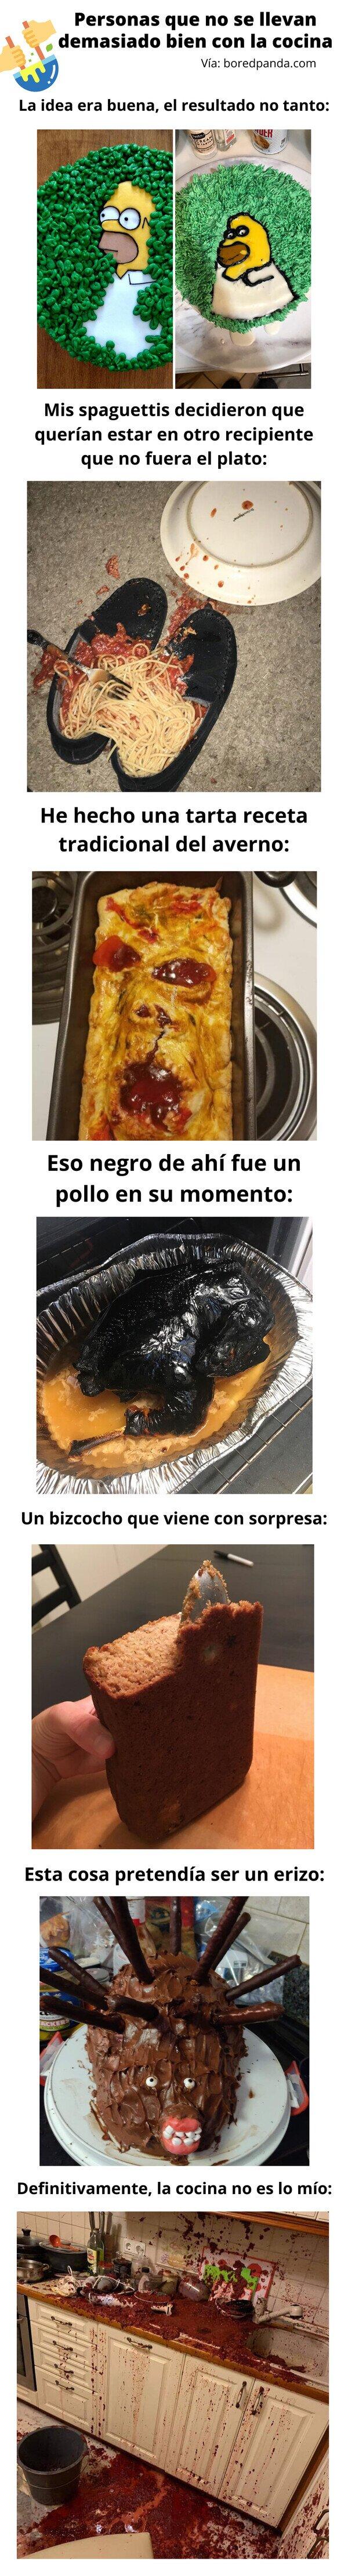 Meme_otros - Personas que no se llevan demasiado bien con la cocina